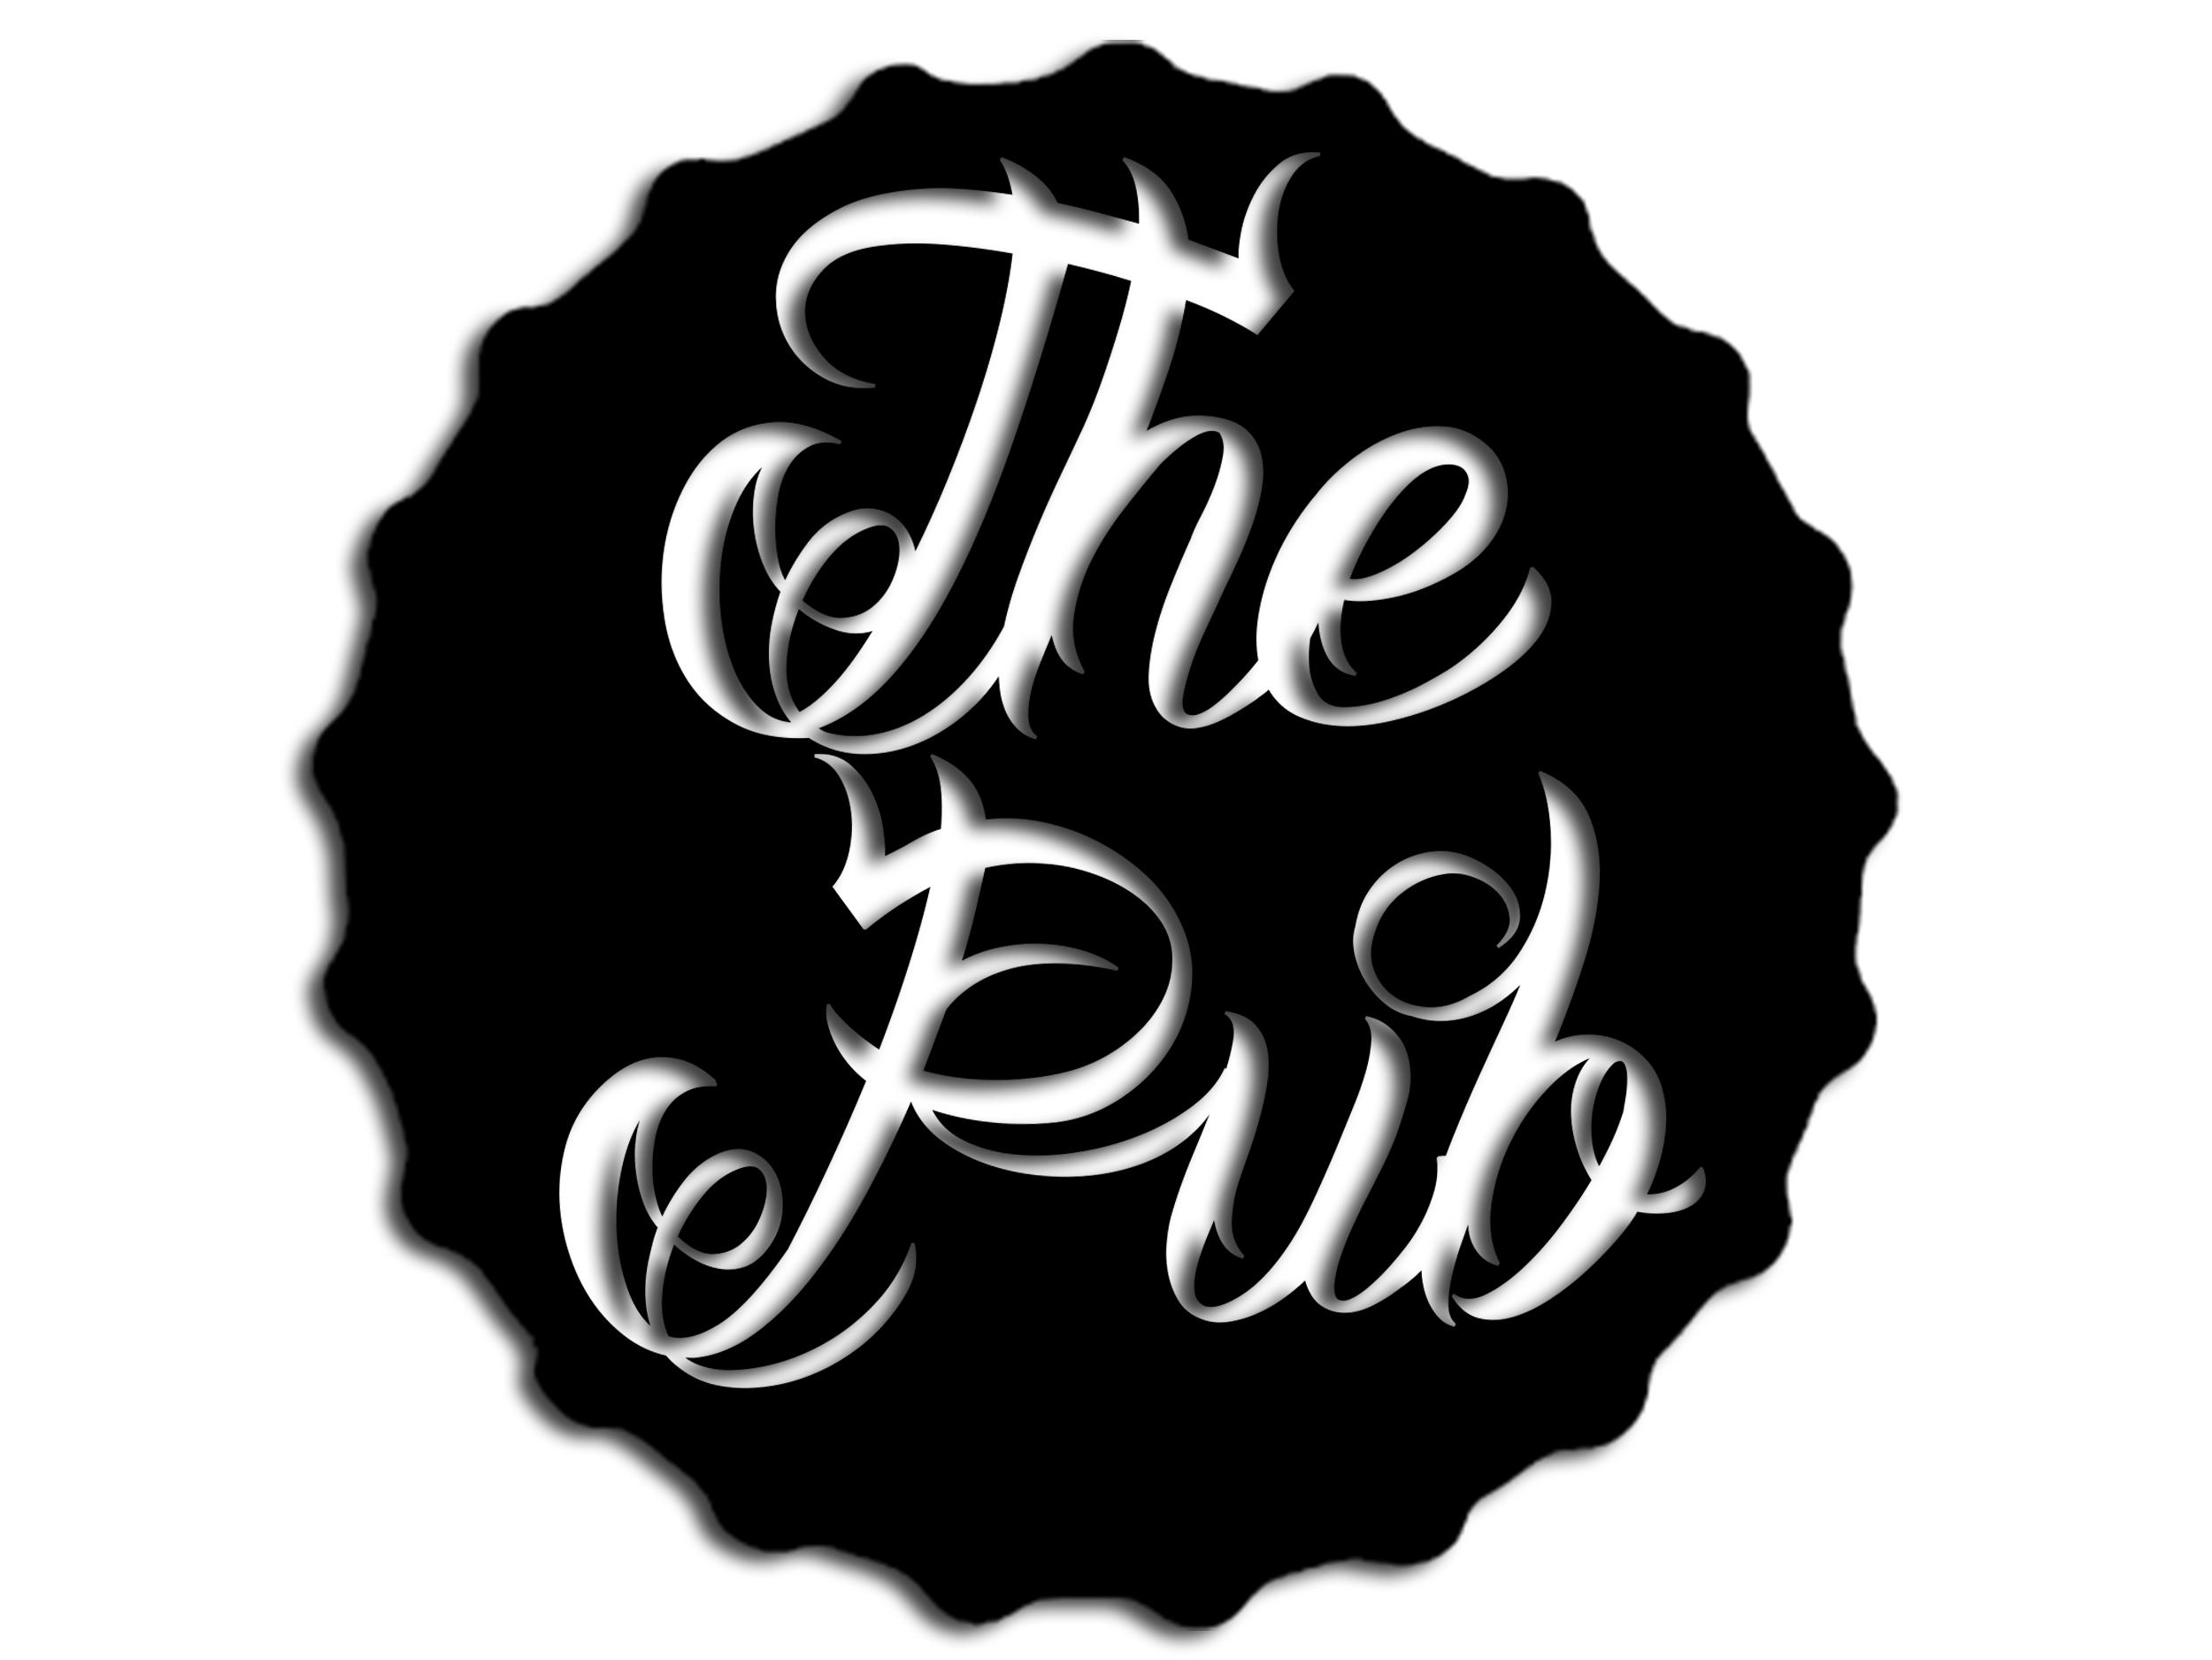 """Разработка логотипа торговой марки """"THEPUB"""" фото f_17251df1842c37cc.jpg"""